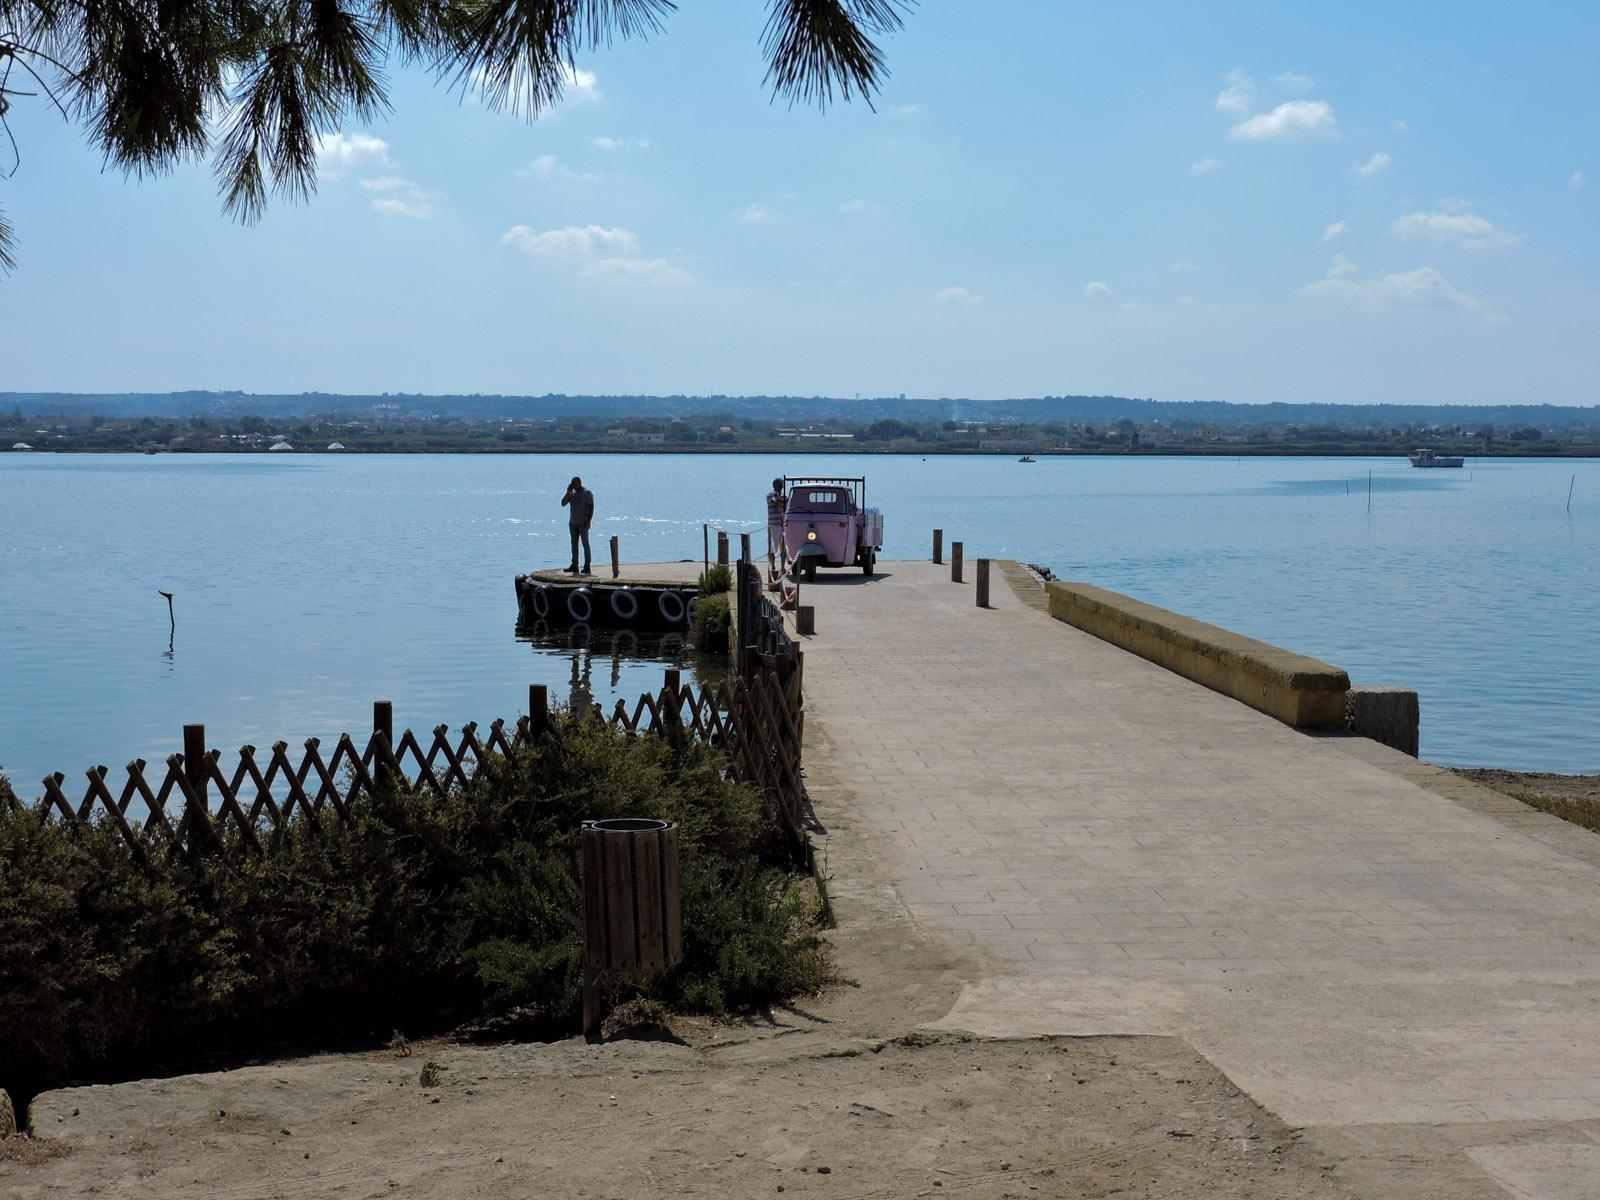 il pontile dove attraccano e ripartono i vaporetti e le barchette. La foto è fatta dall'ingresso dell'isola di Mozia